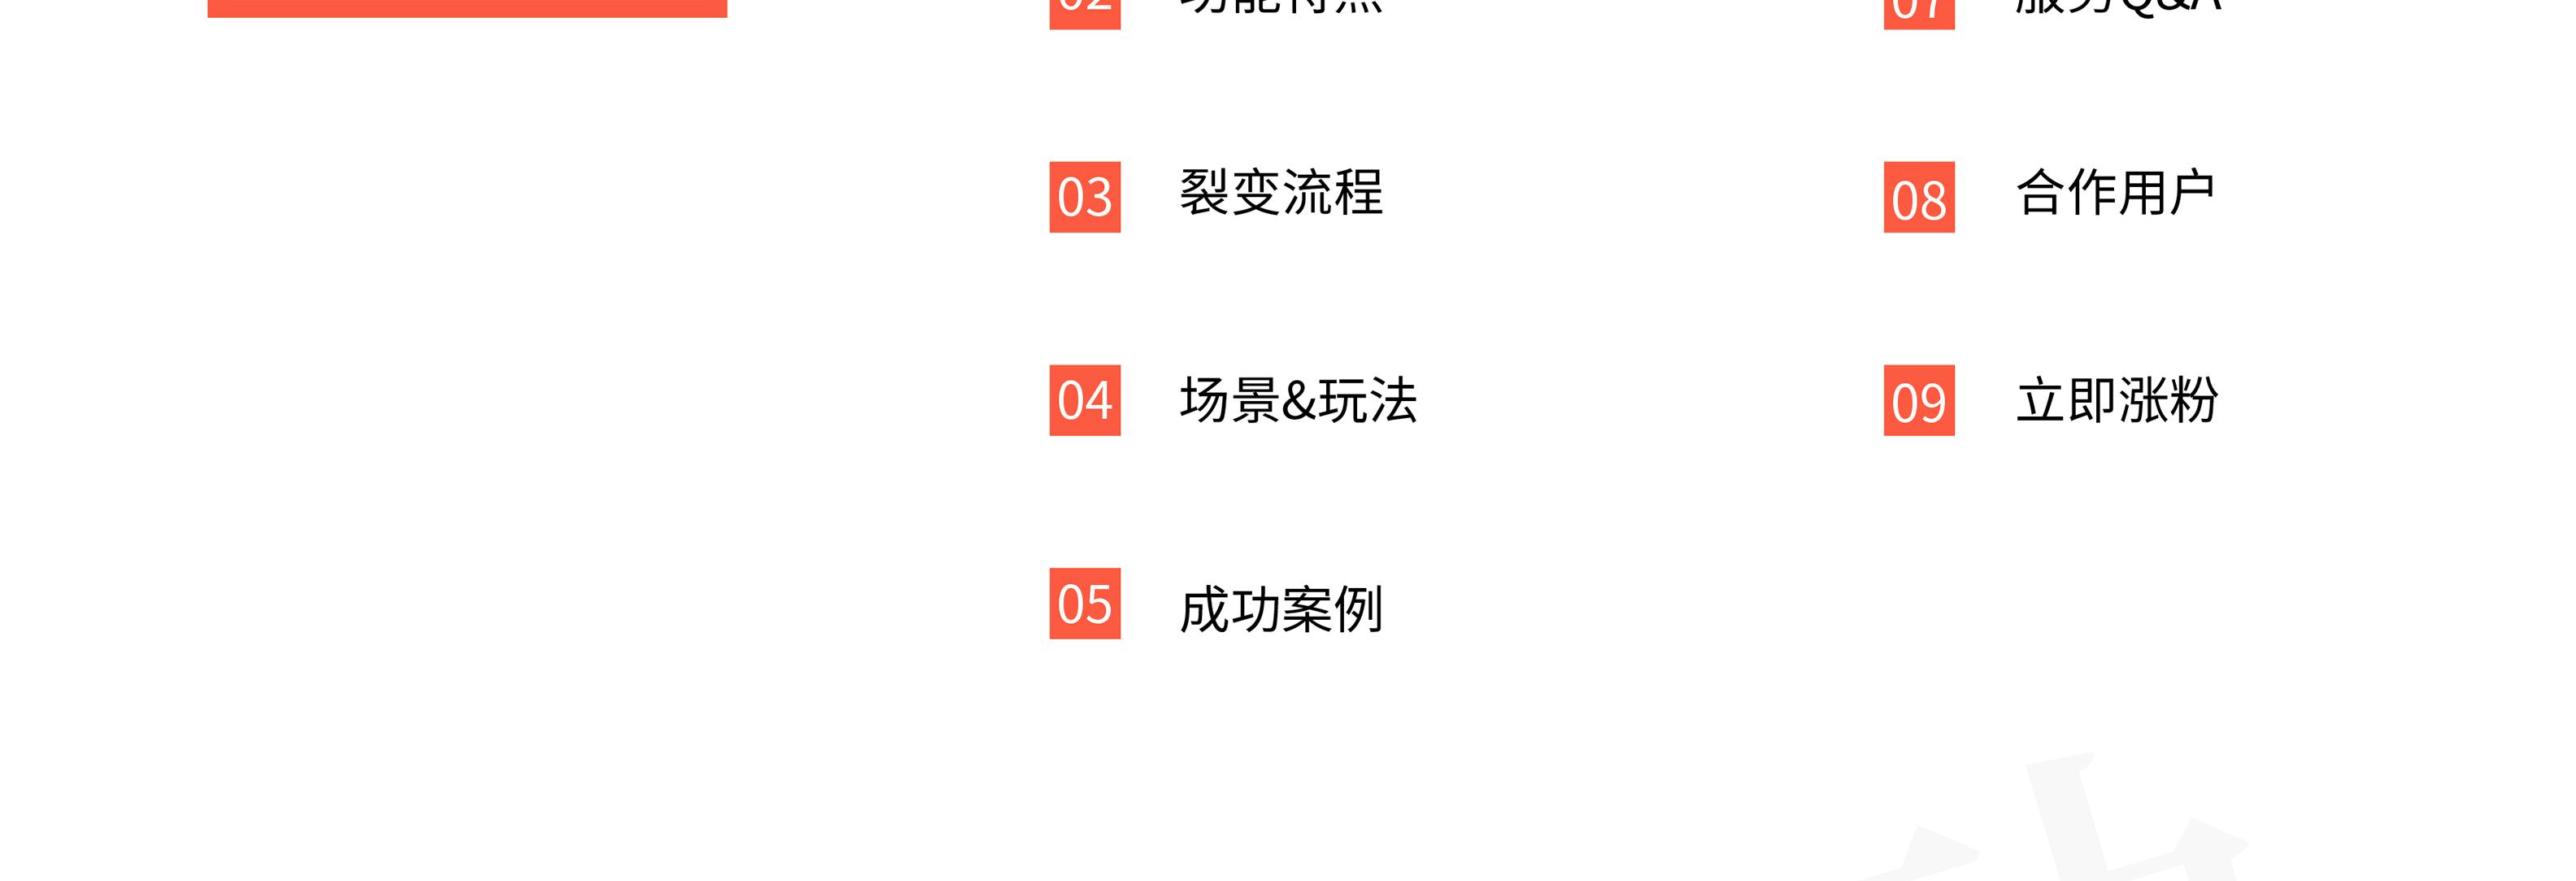 任务宝数新锐任务宝最好用03.jpg